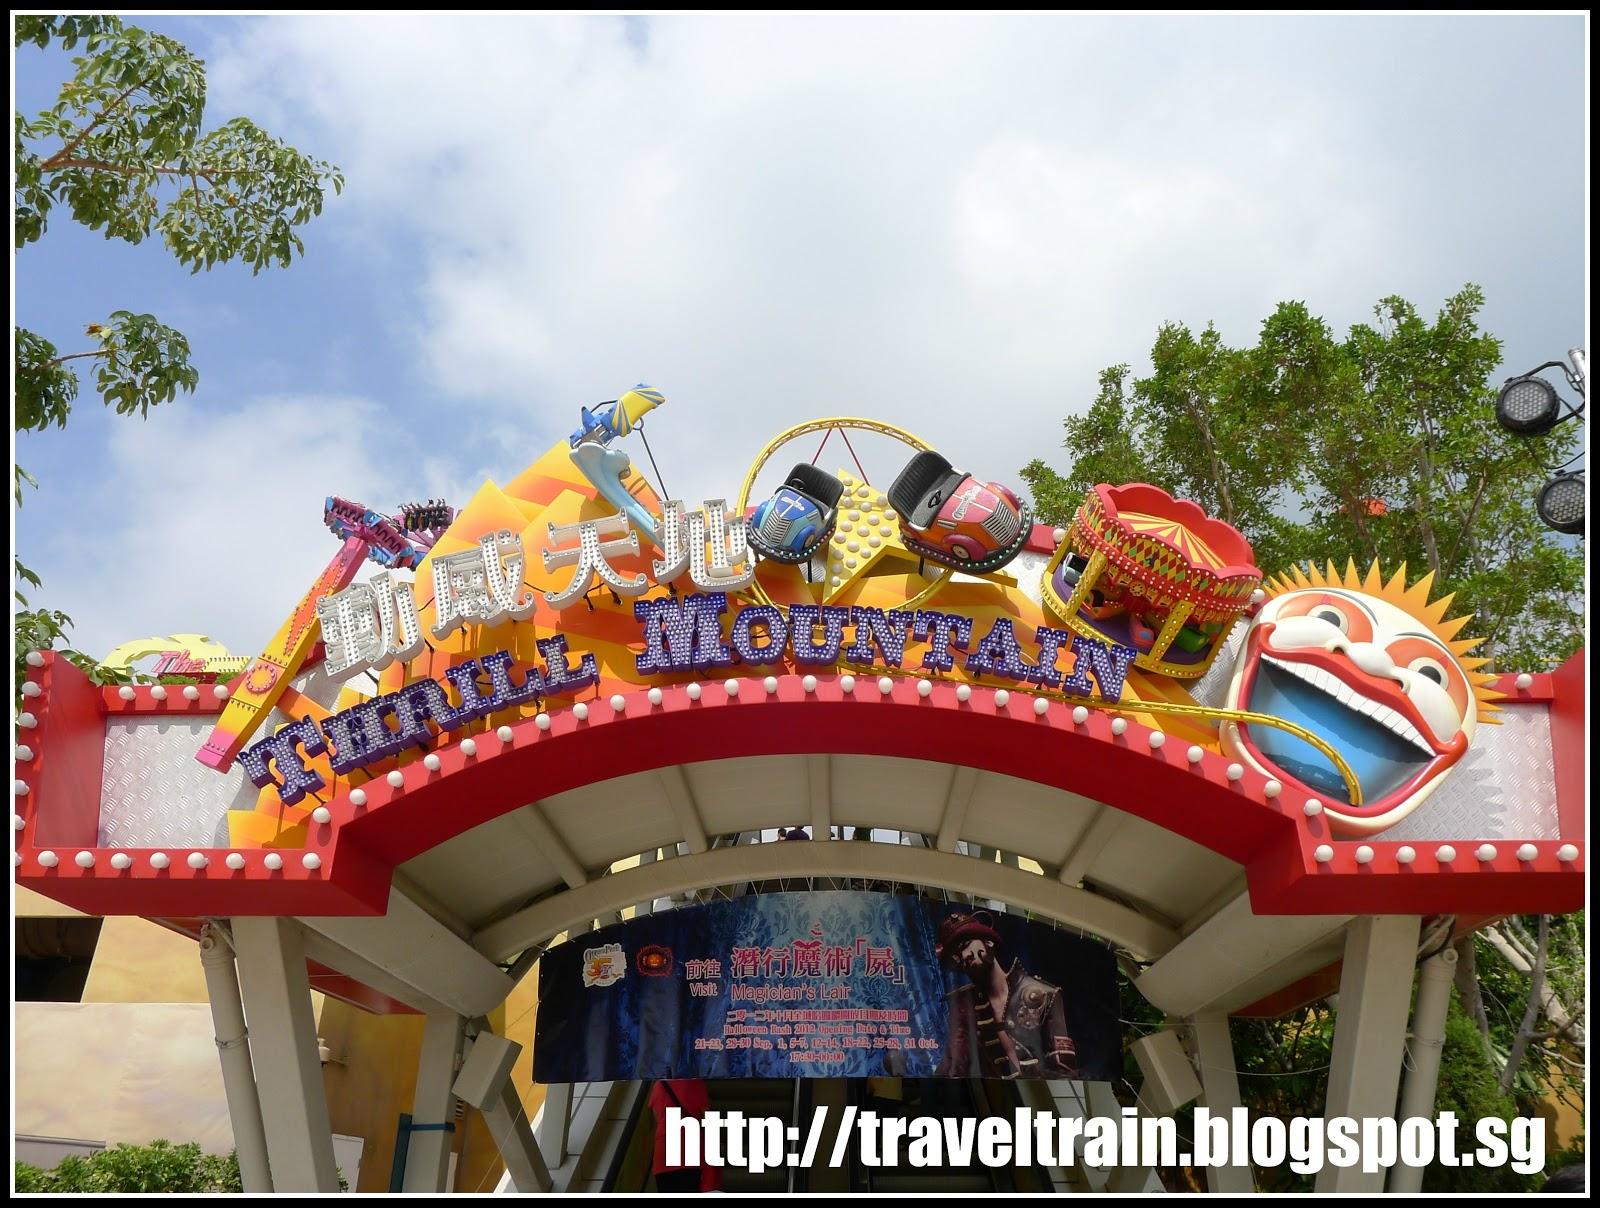 旅遊列車「Travel Train」: 香港,海洋公園 ③